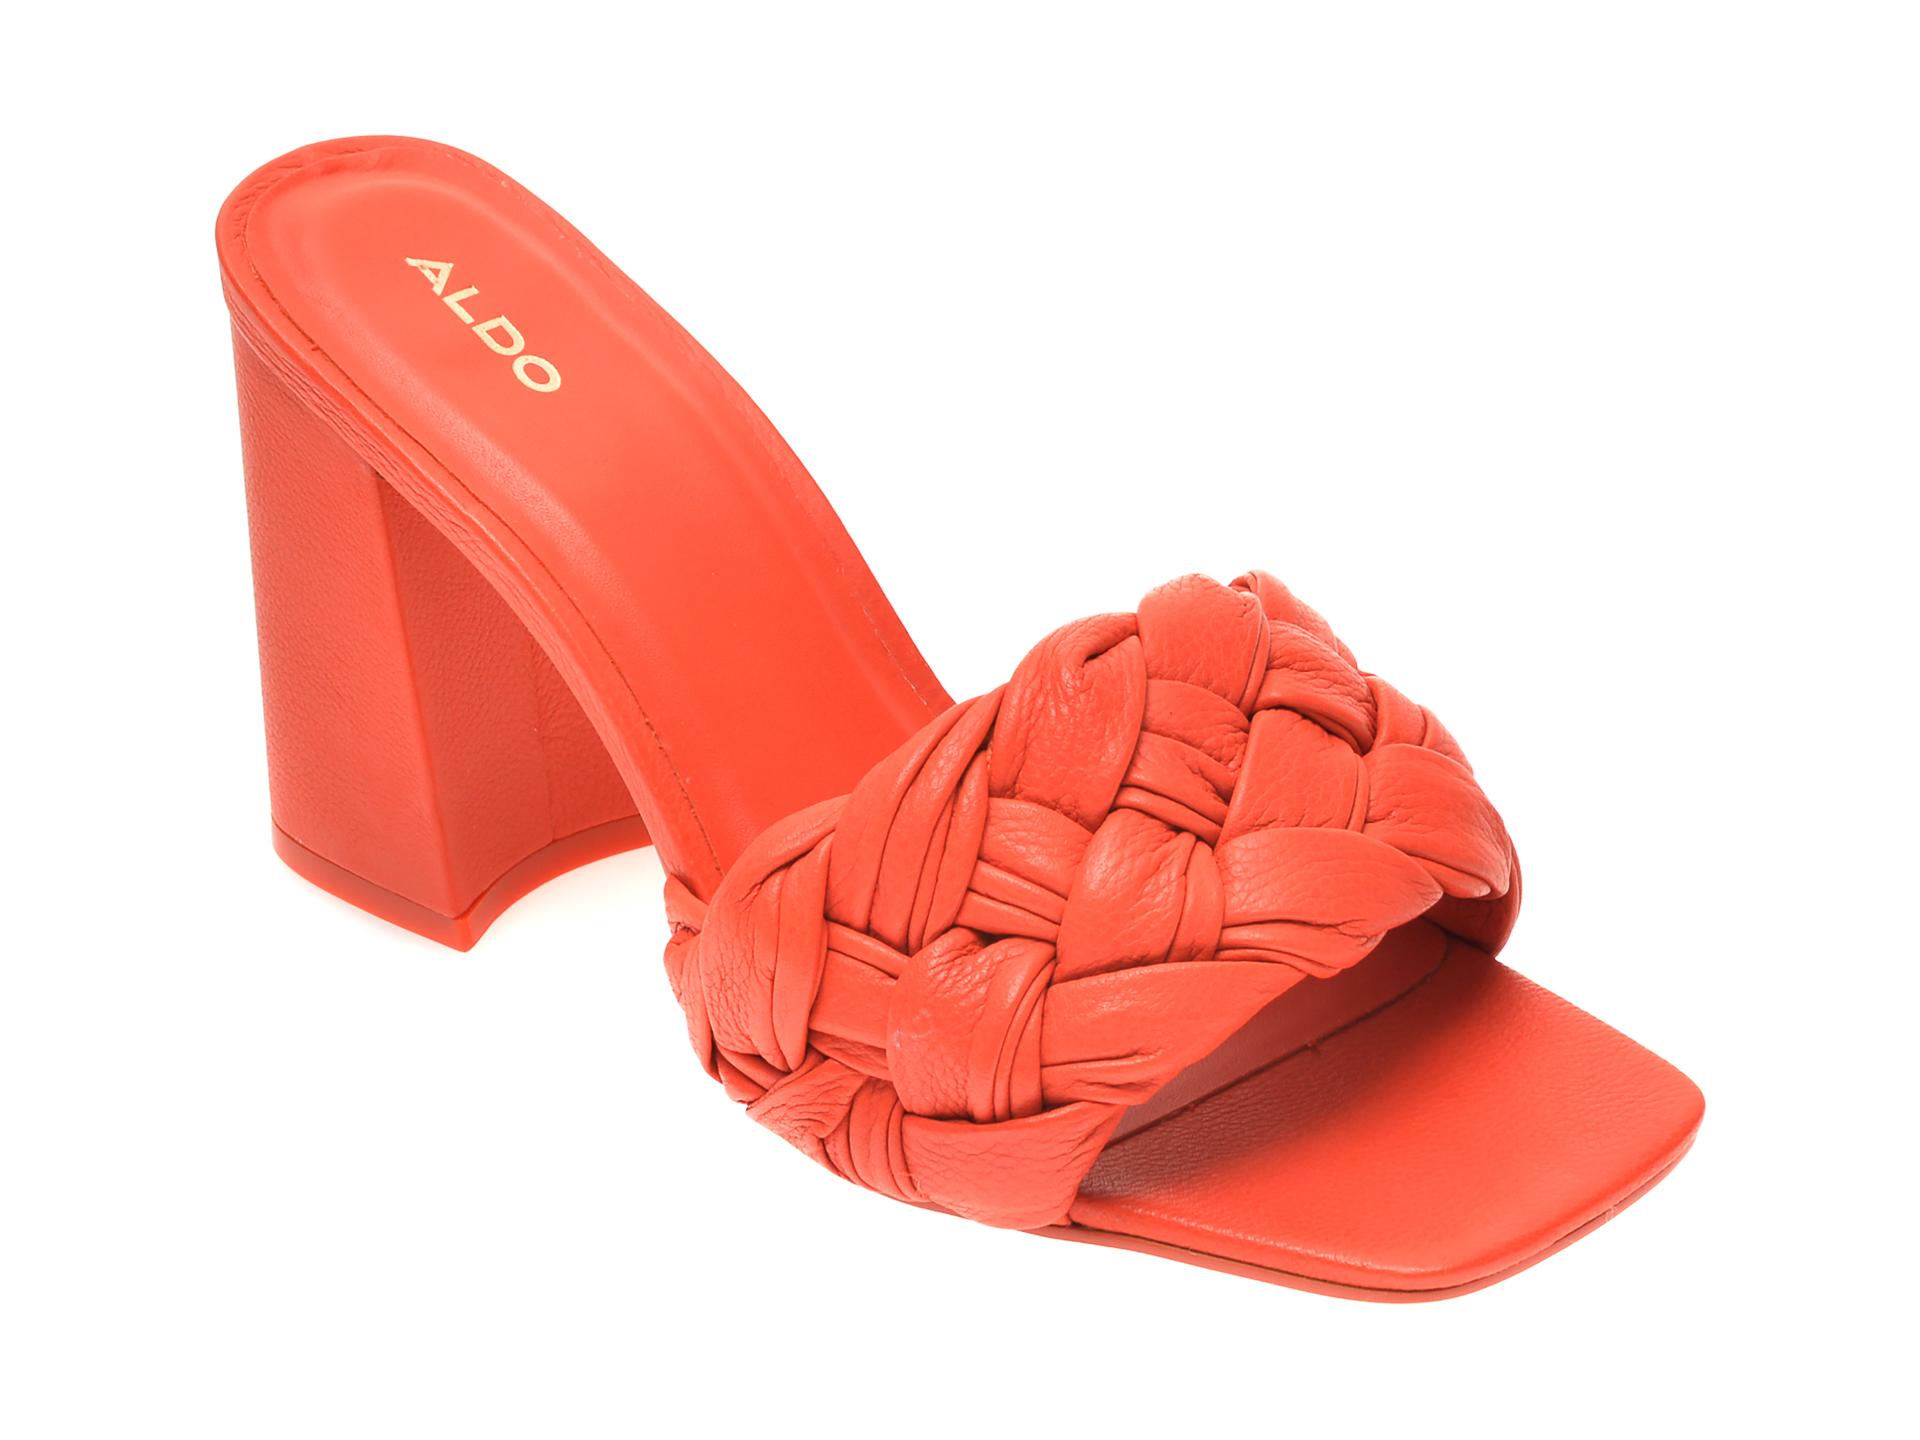 /femei/papuci Dama